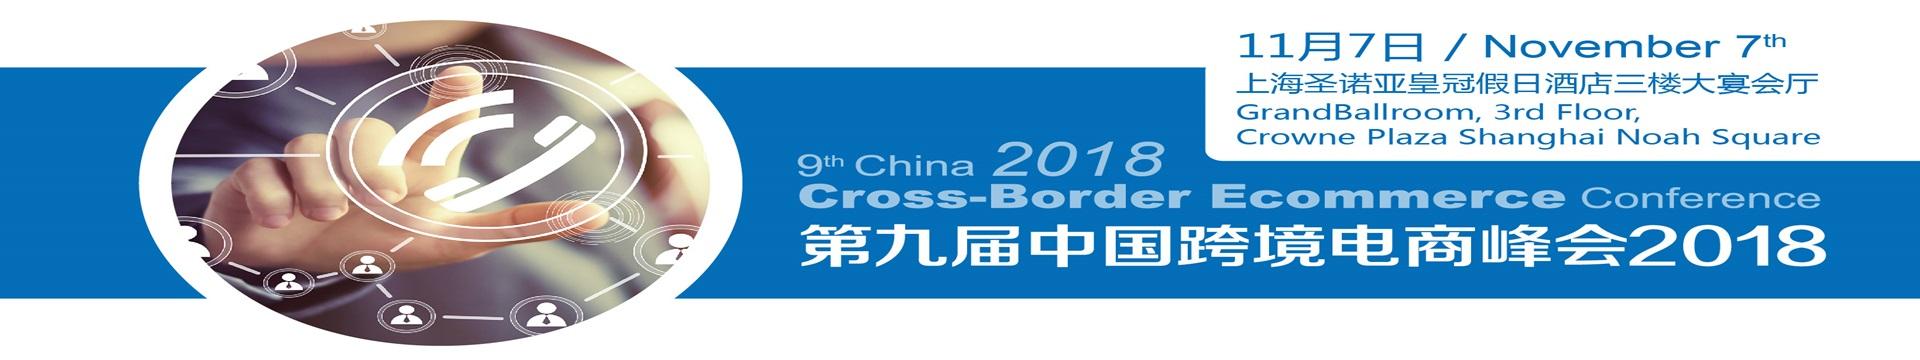 第九届跨境电商峰会2018